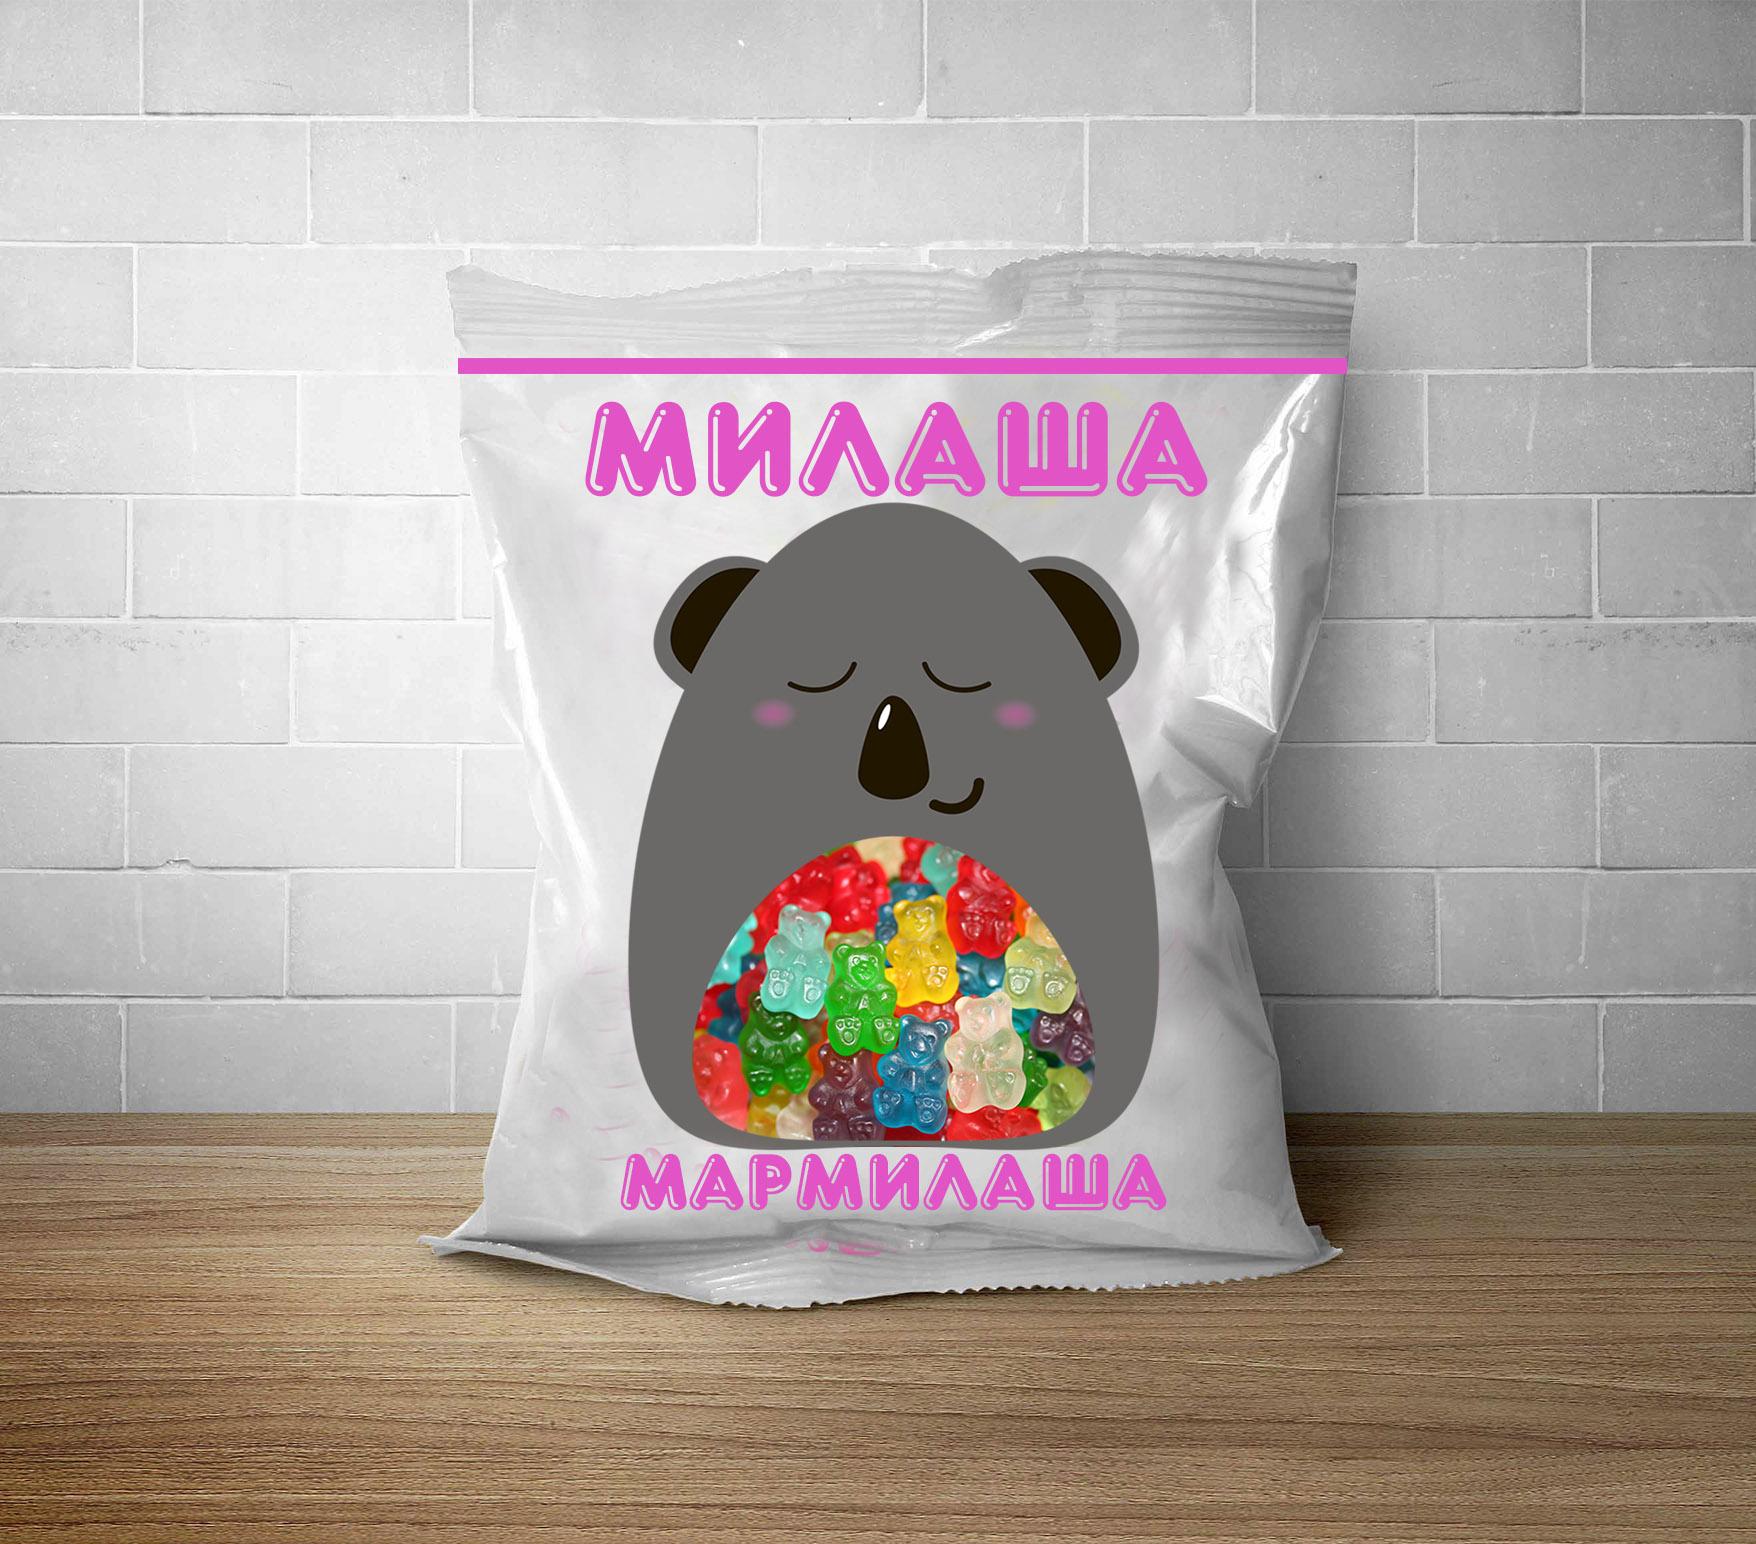 """Логотип для товарного знака """"Милаша-Мармилаша"""" фото f_1985876094c6bd33.jpg"""